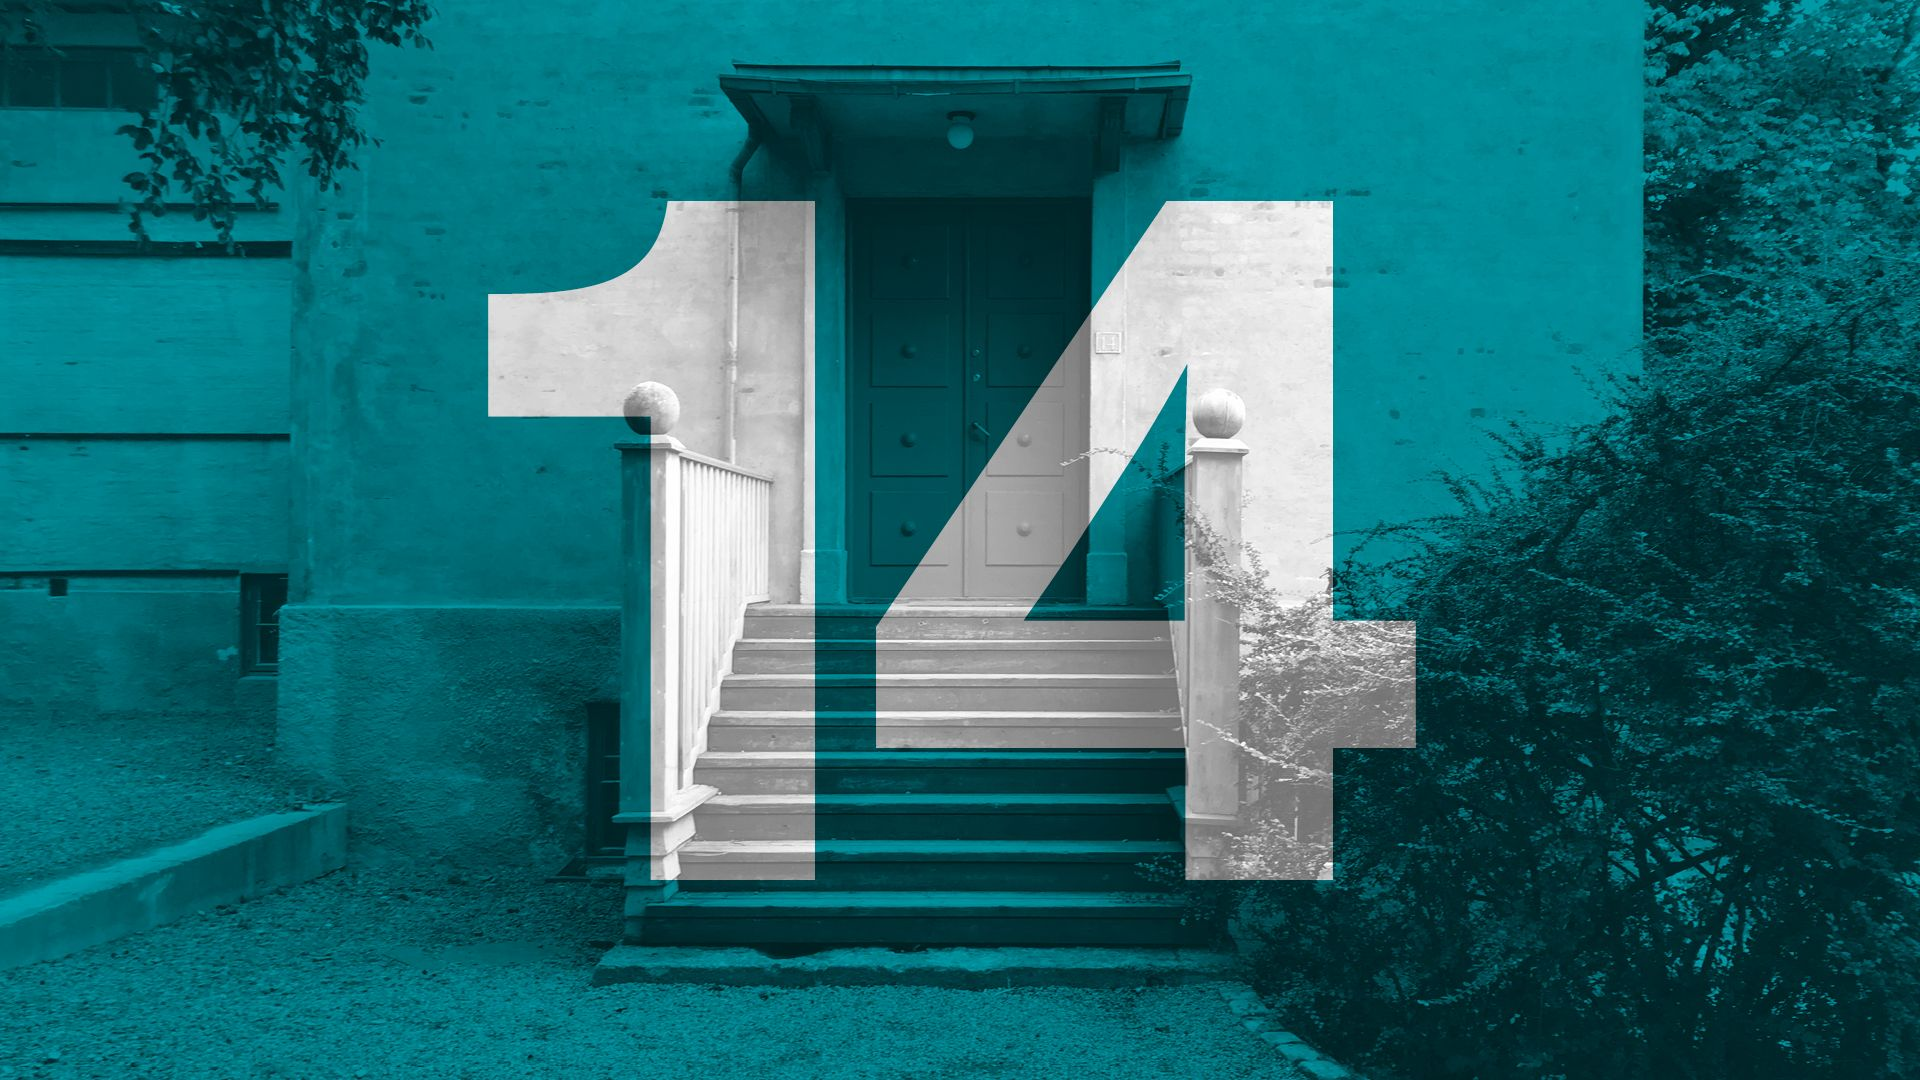 Door number 14